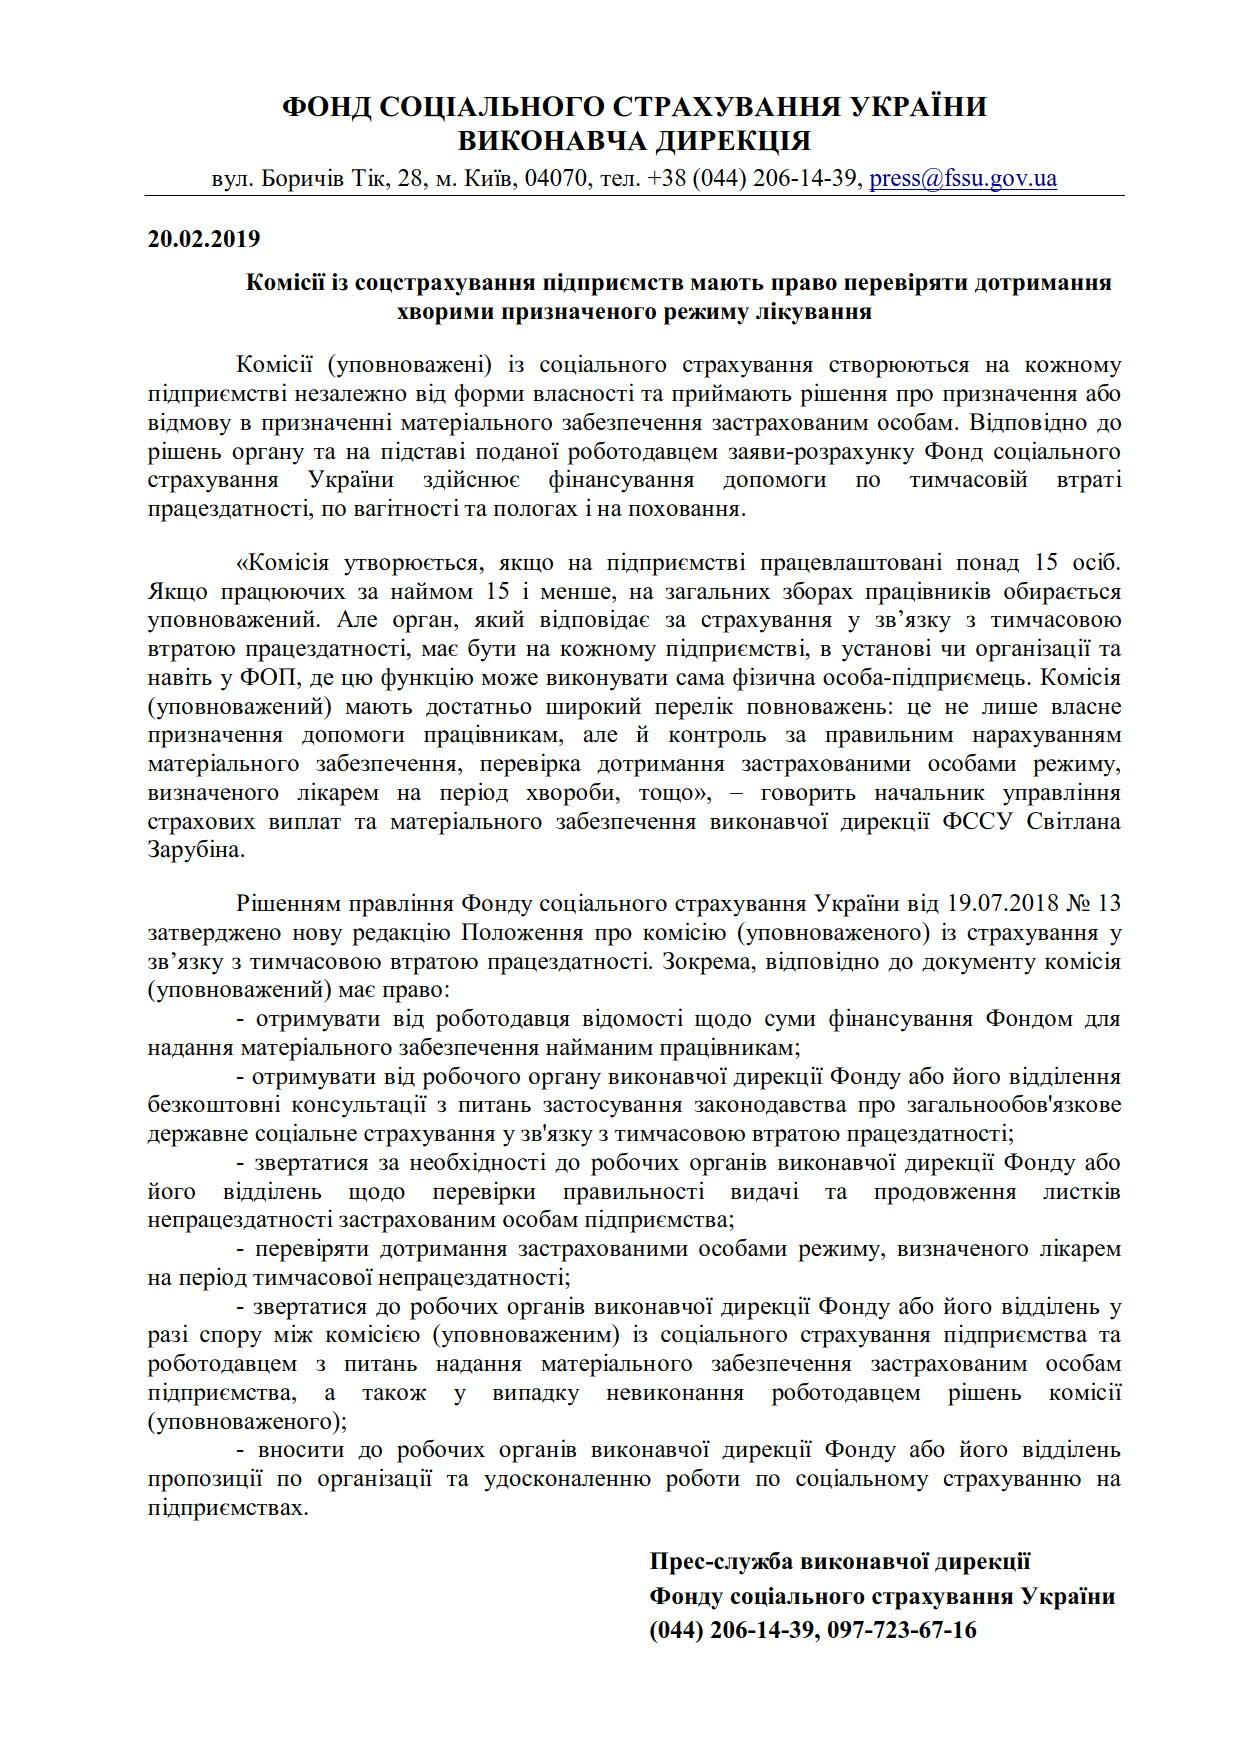 ФССУ_Повноваження комісії_1